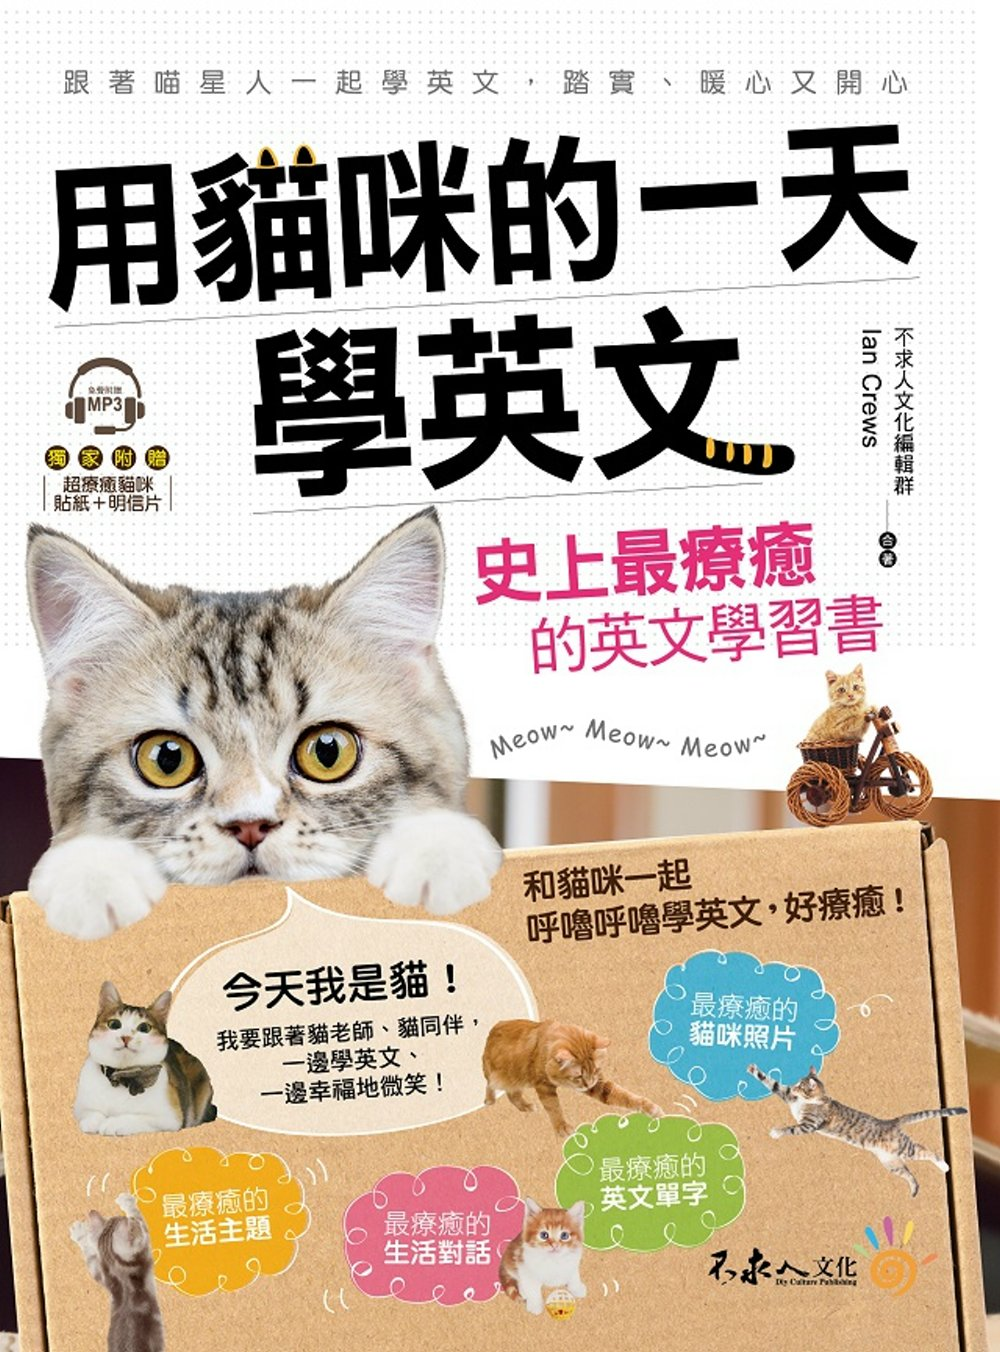 用貓咪的一天學英文:史上最療癒的英文學習書 附1MP3 彩色貼紙 彩色明信片